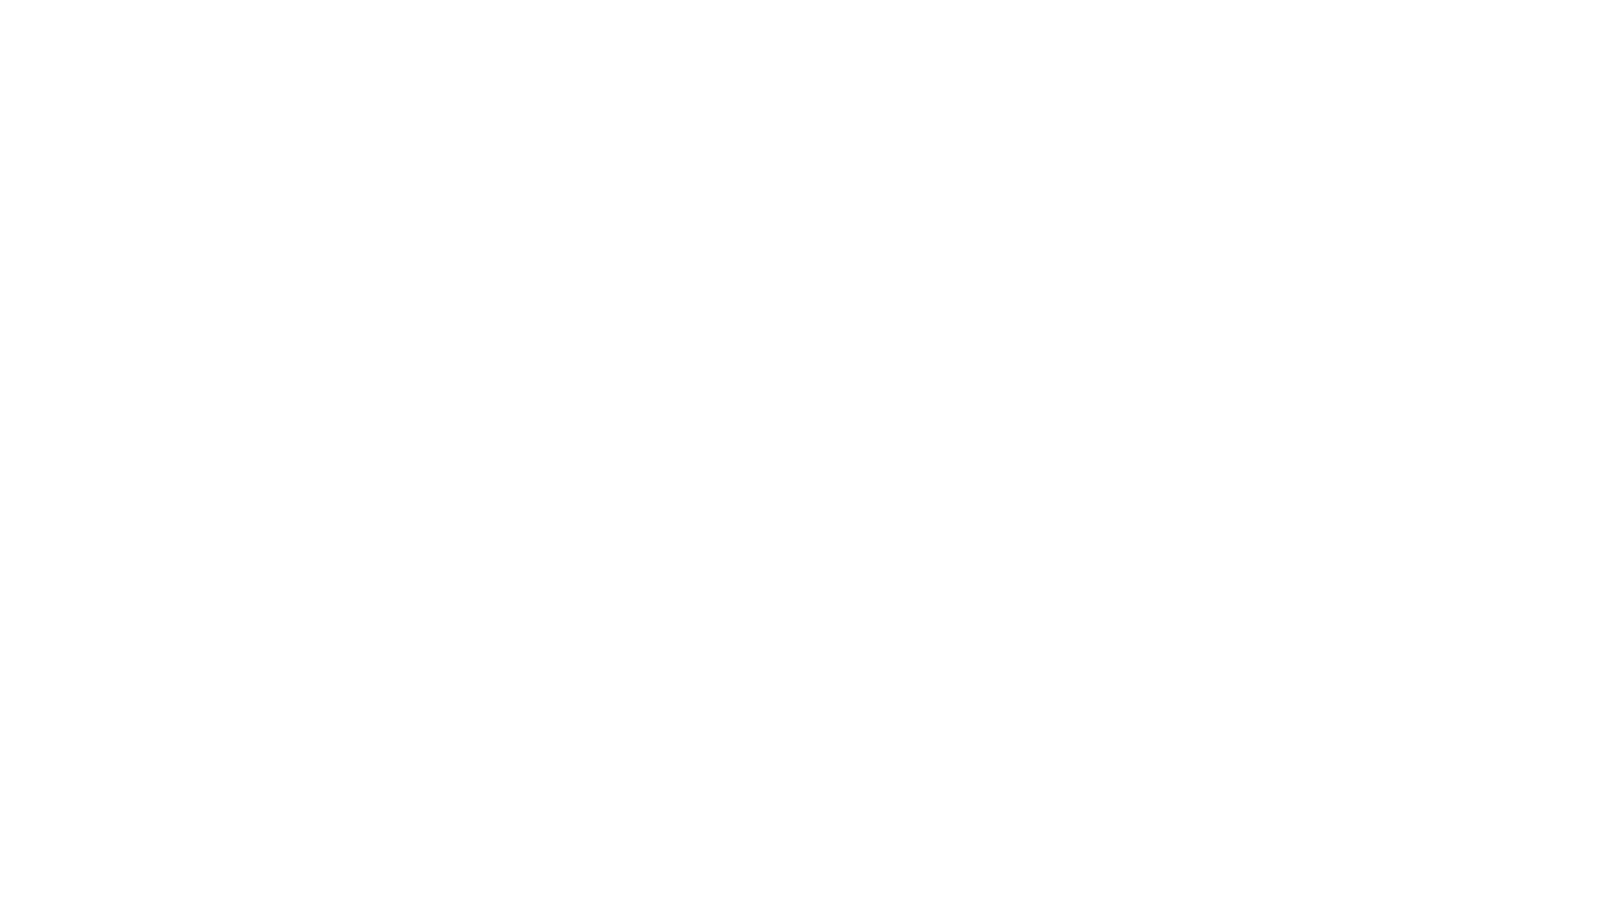 紙工作作家ごとうけい実演による ペーパークラフト 文鳥のてんちゃんができあがるまで。 ▼使用アイテム ペーパークラフトキット 「文鳥のてんちゃん」A4・1枚  https://keicraft.com